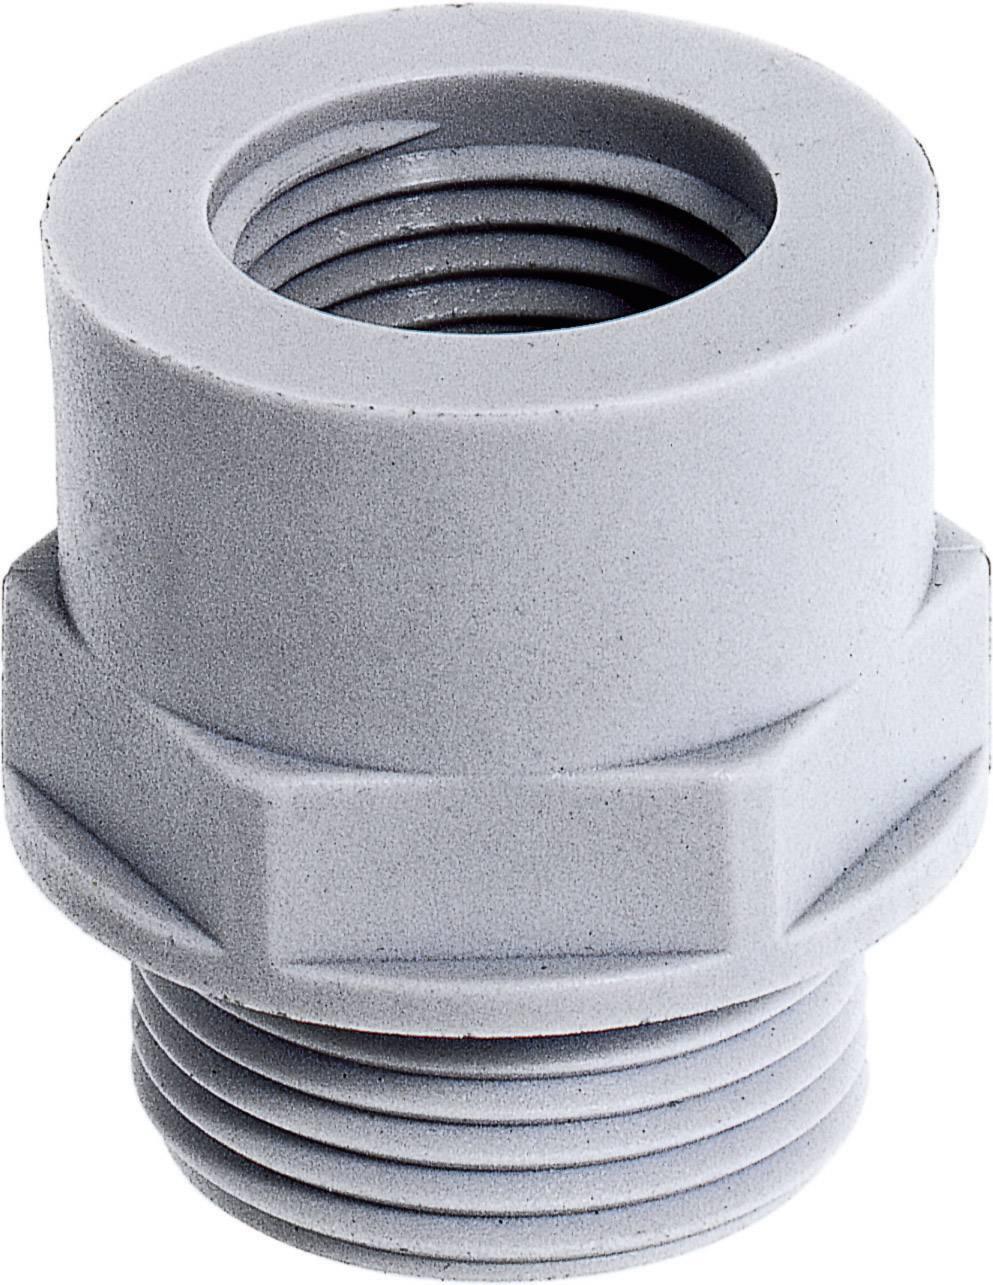 Rozšíření kabelové průchodky LAPP SKINDICHT EKU-M 12x1,5/16x1,5, 52100300, M16, polyamid, světle šedá , 1 ks